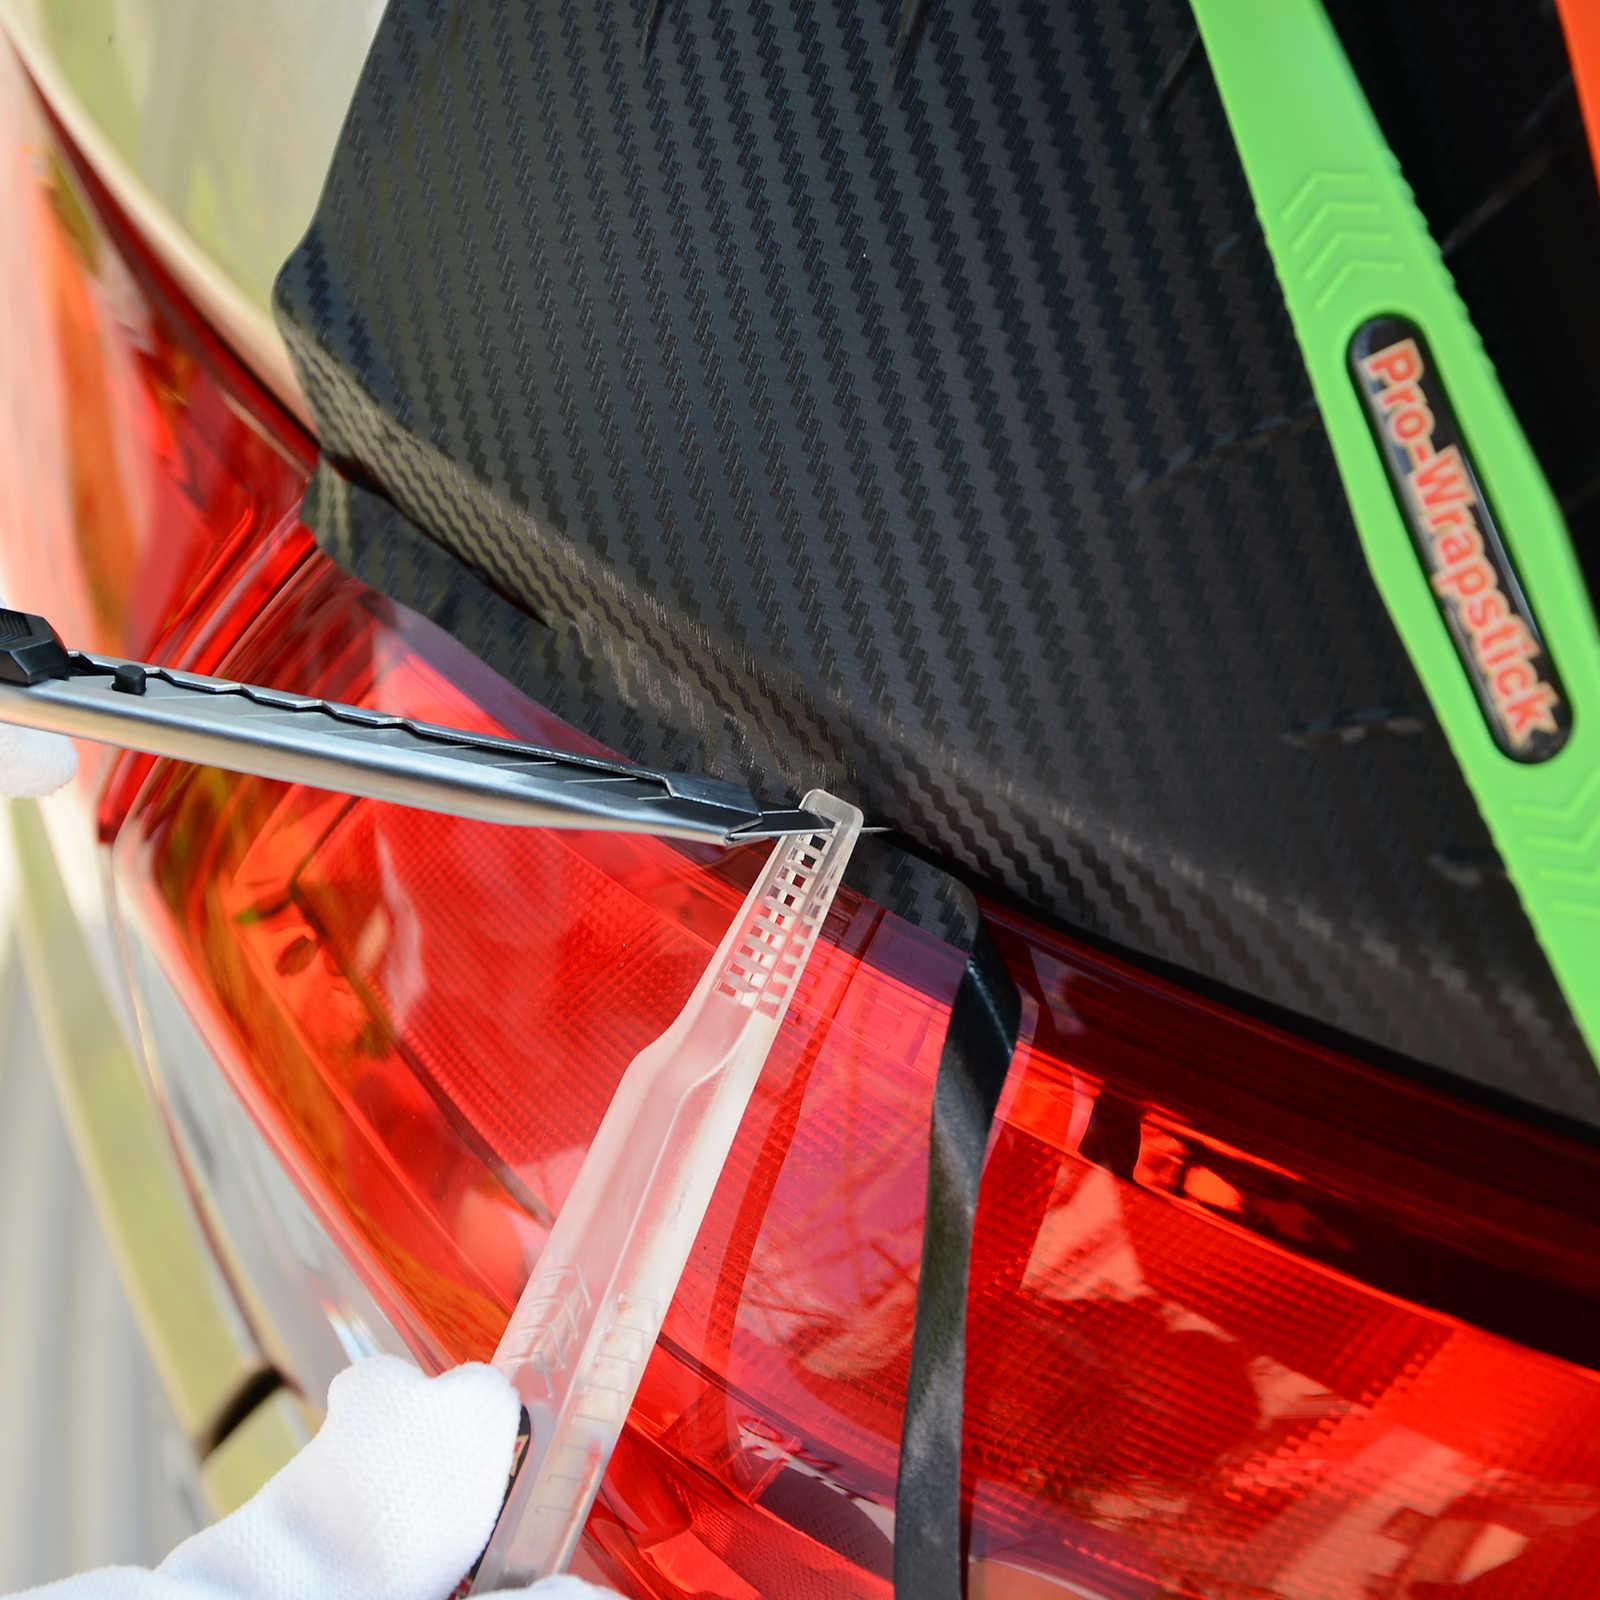 Ehdis Serat Karbon VINYL Mobil Stiker Magnetik Squeegee Film 3 Kekerasan Wrapstick Scraper Warna Jendela Pembersih Auto Aksesoris